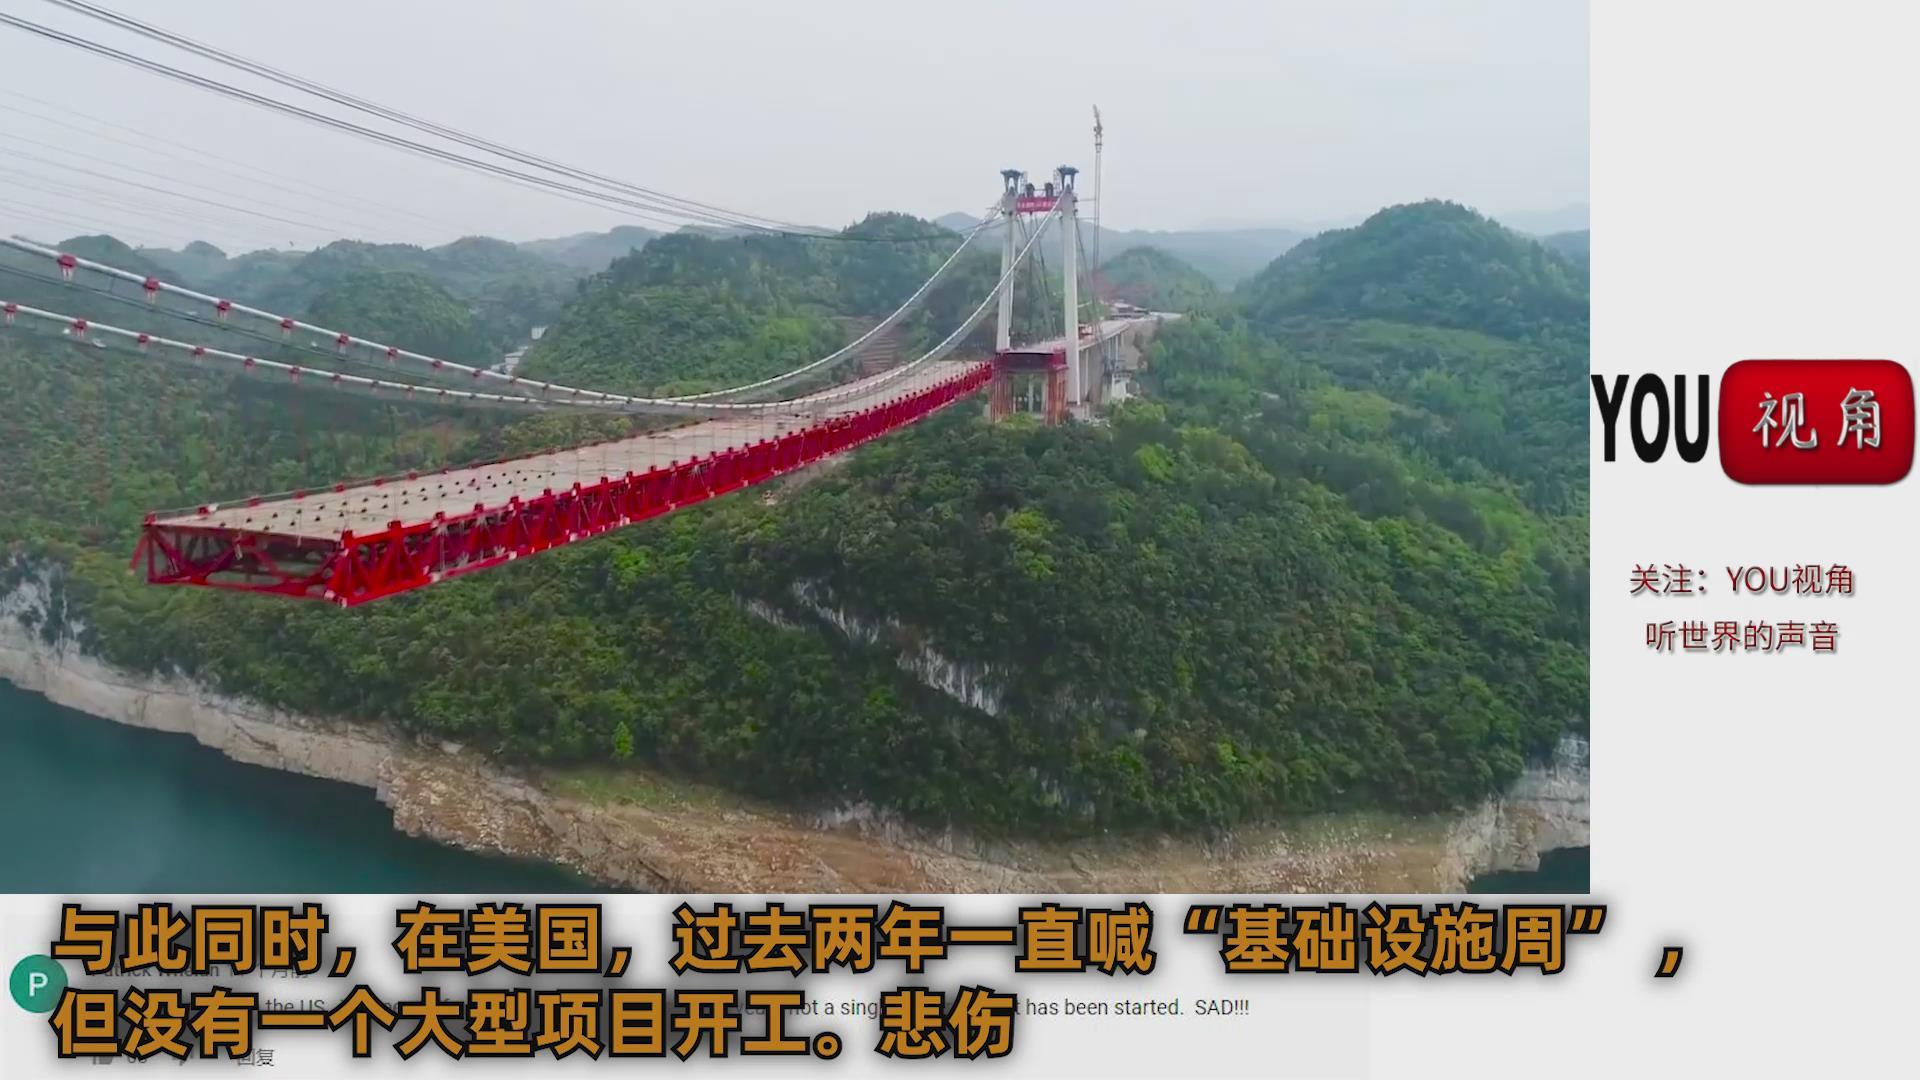 老外看中国的基础建设 外国网友:一言不合就造桥